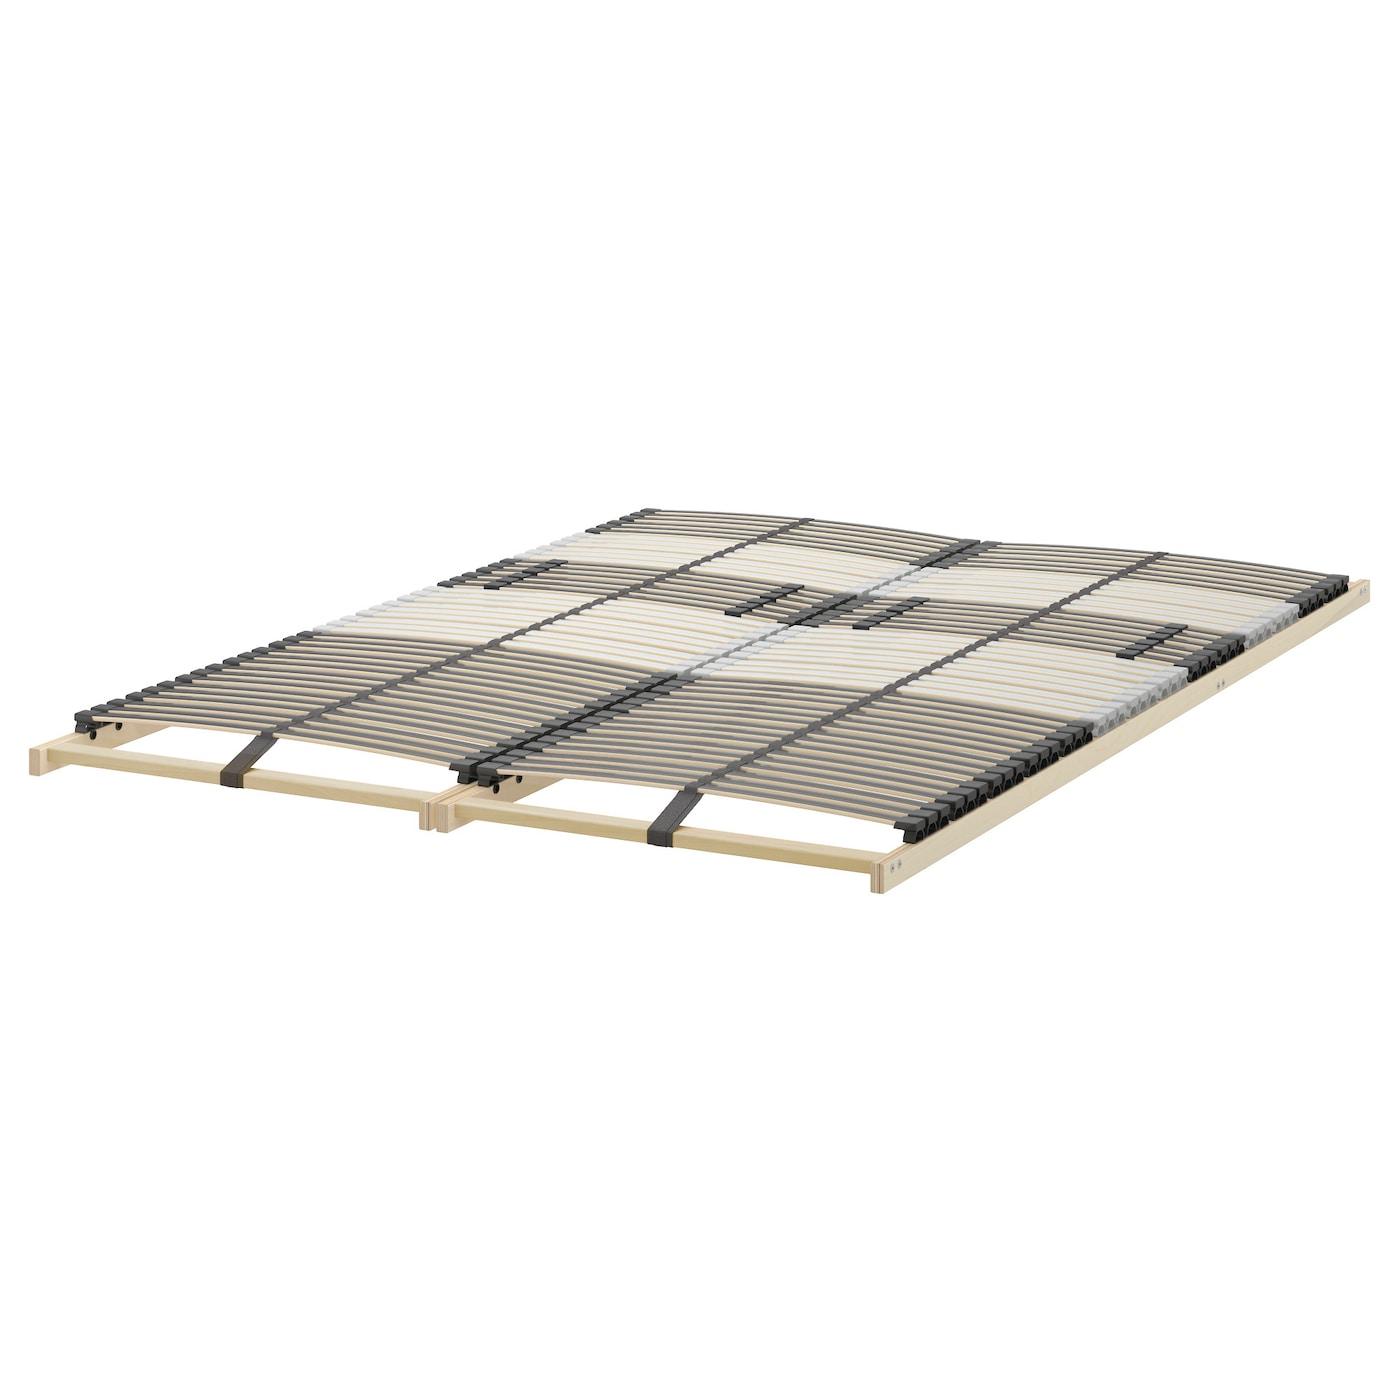 Trysil cadre de lit blanc leirsund 160x200 cm ikea for Ikea taille du cadre de lit